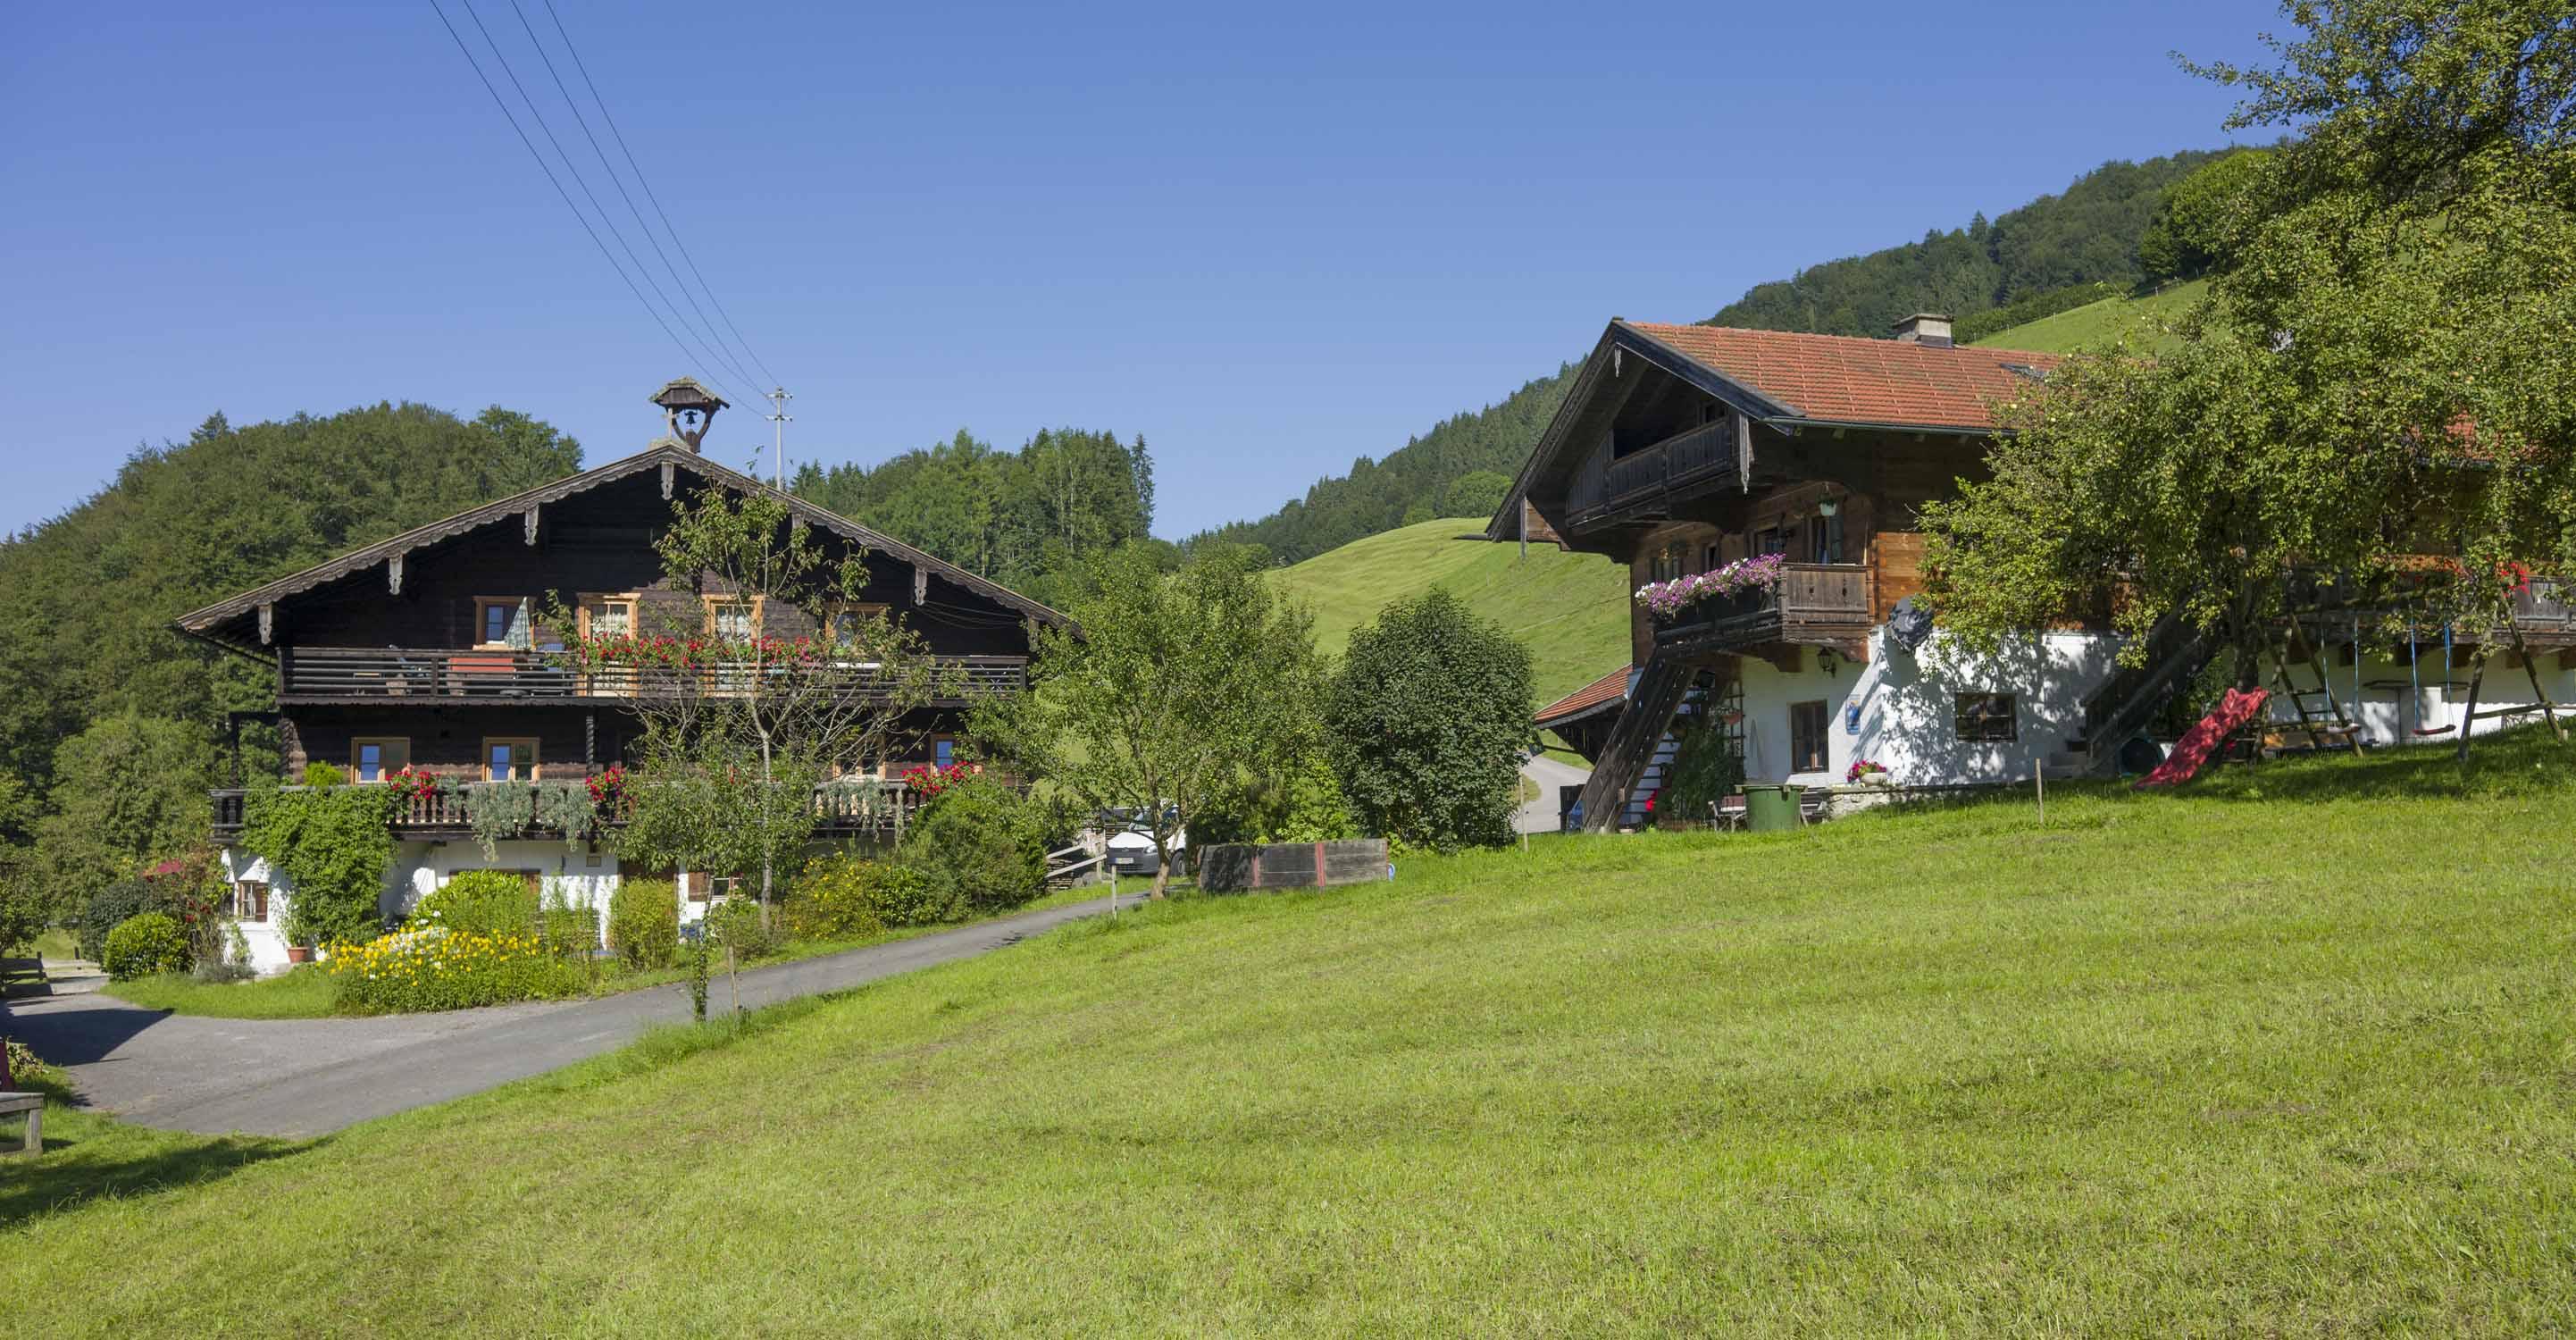 Ferienwohnung Bergbauernhof Hinterseebach (DE Oberaudorf). 6 Personen Ferienwohnung / Auerbach (709901), Oberaudorf, Chiemgau, Bayern, Deutschland, Bild 2